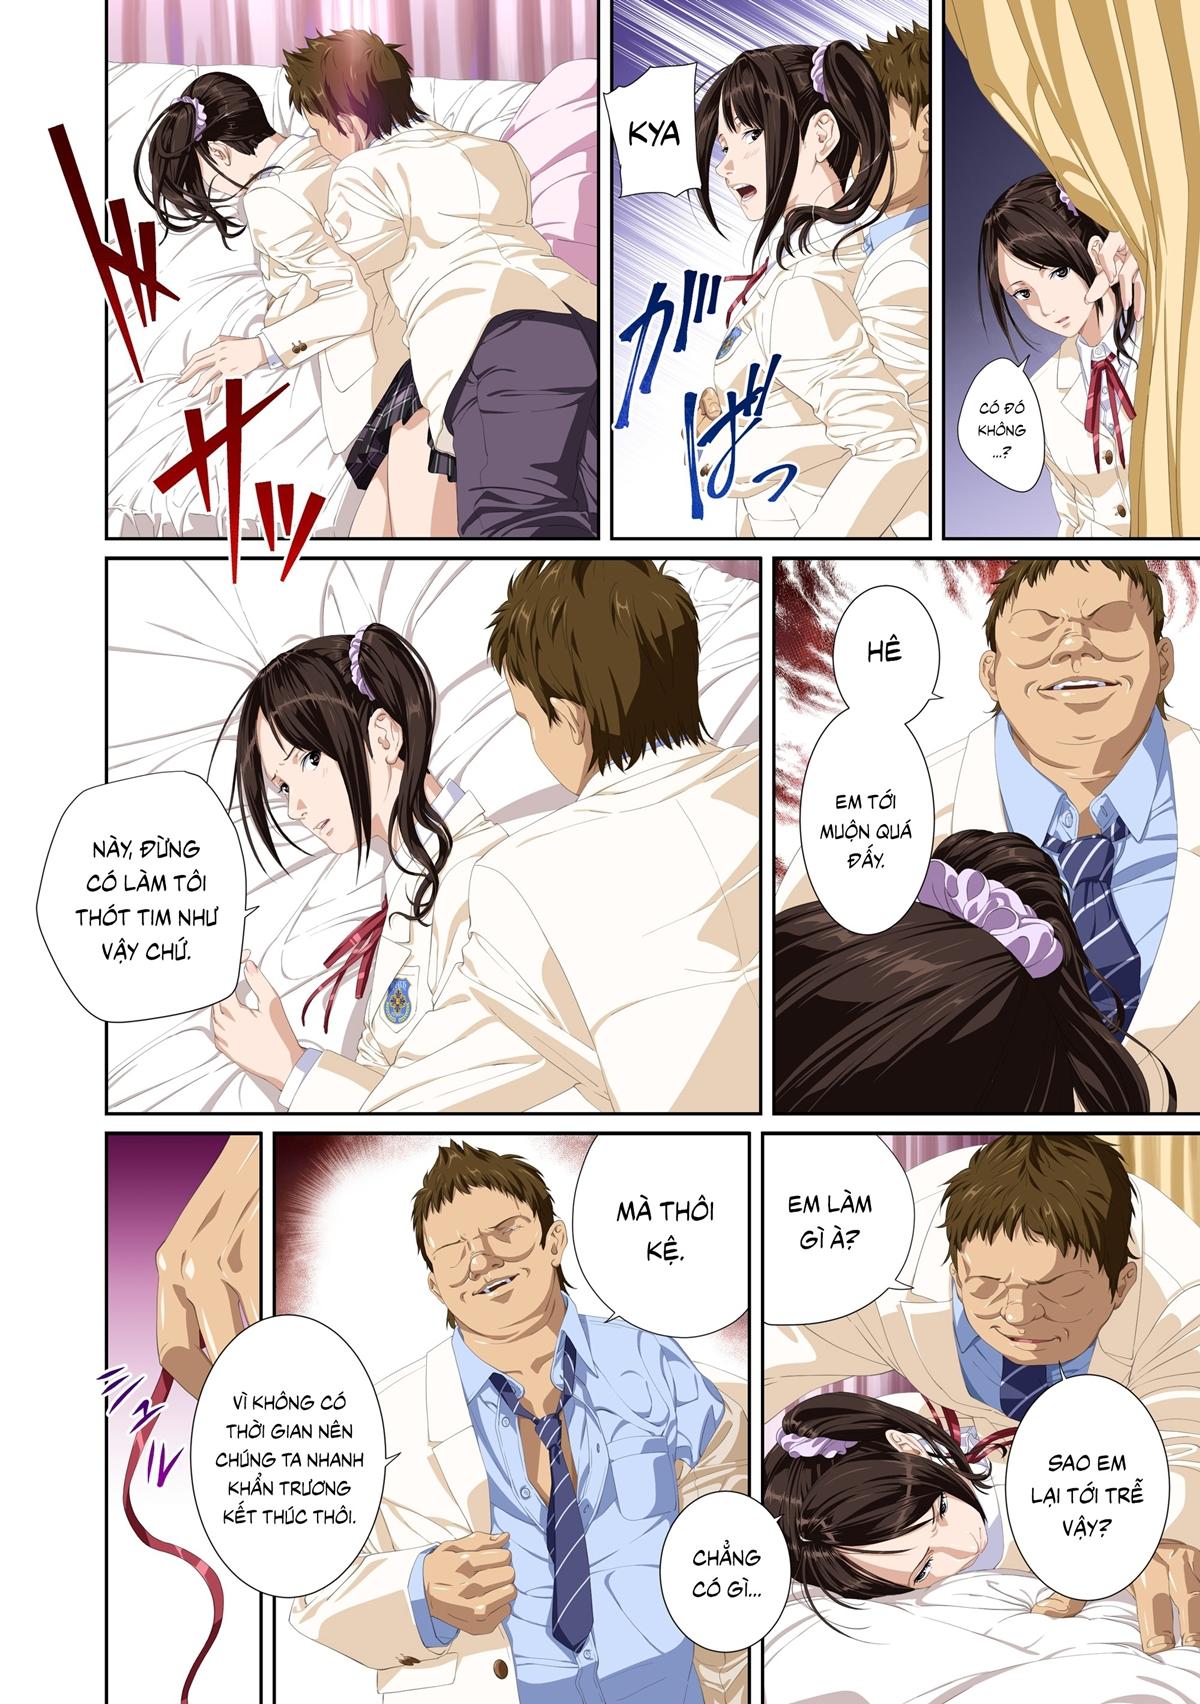 Truyện tranh sex địt em mỹ nhân trường học - Chap 10 - Truyện Hentai